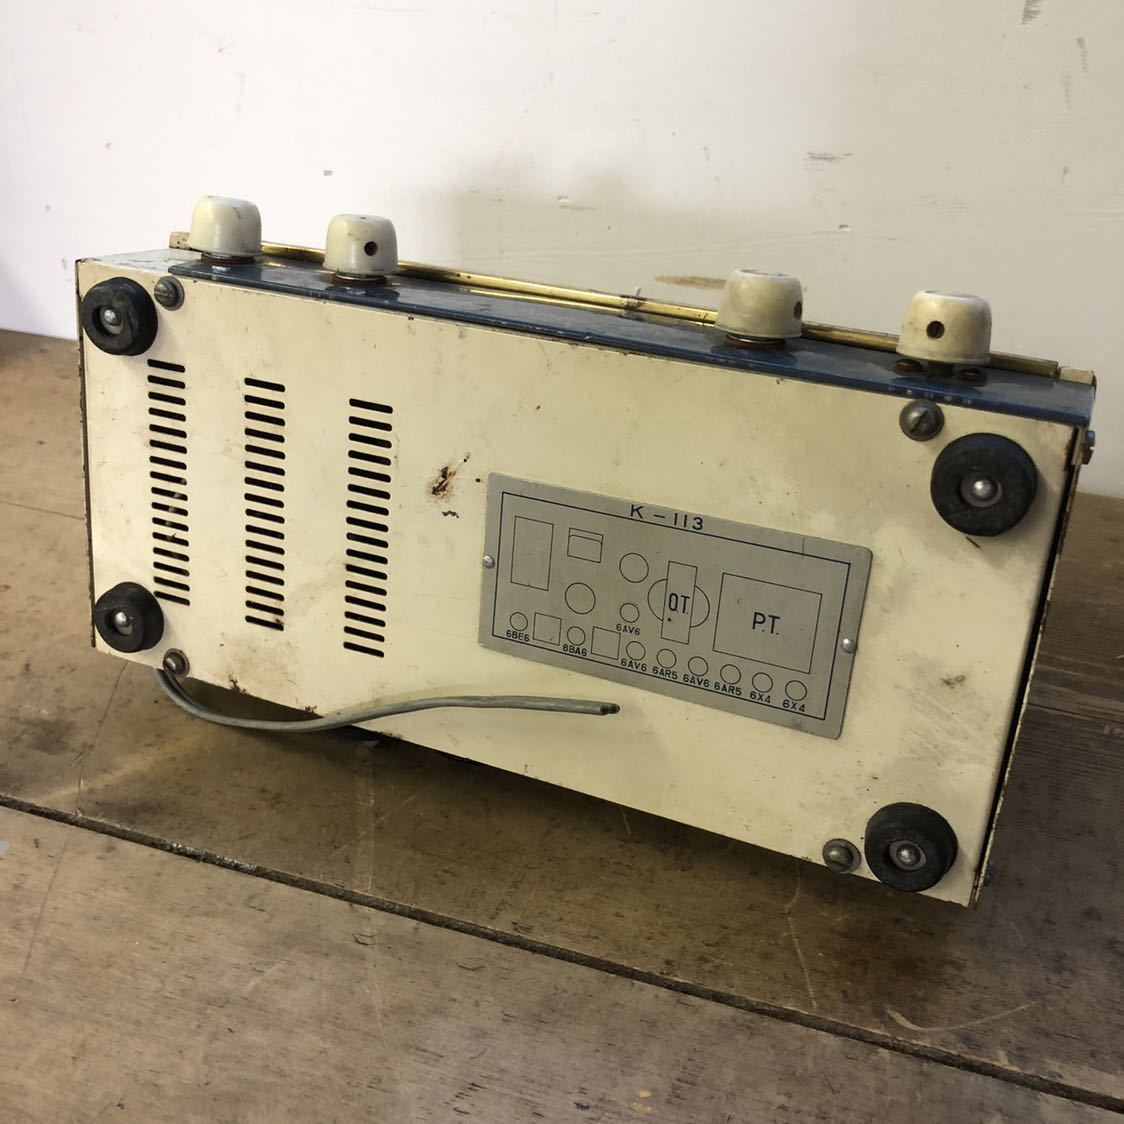 【ジャンク】 ナショナル 真空管 アンプ ラジオ midget amplifier ミッドナイト レトロ 昭和 アンティーク ヴィンテージ 部品取り_画像10